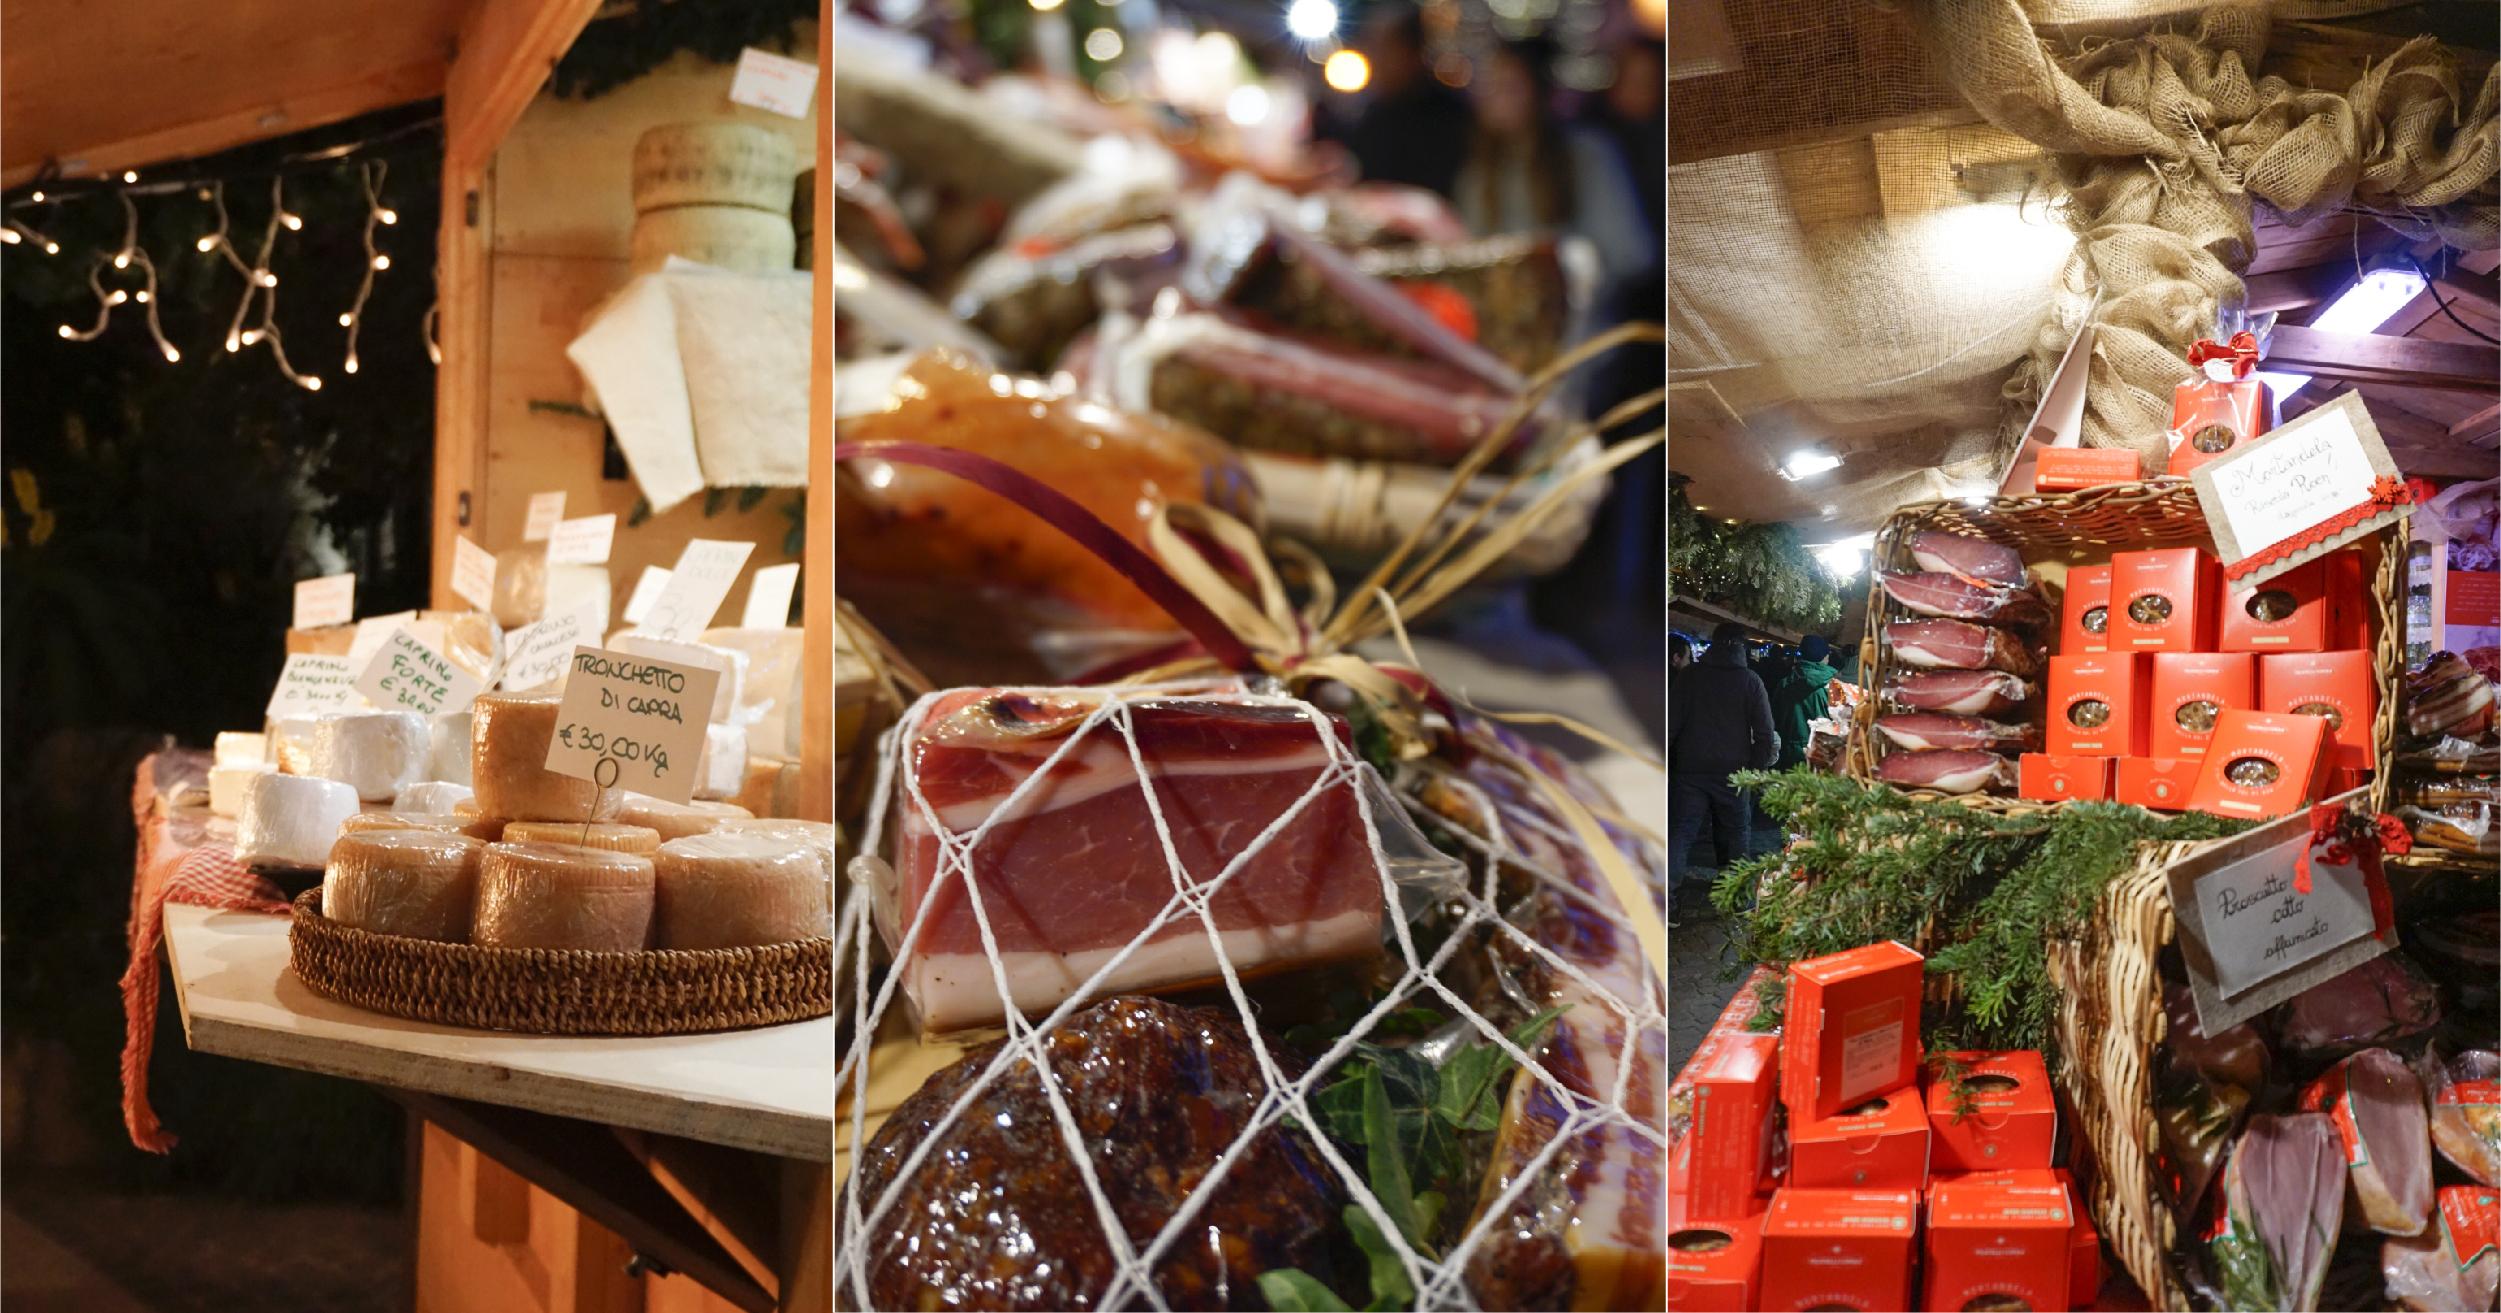 mercatini-natale-trentino-c